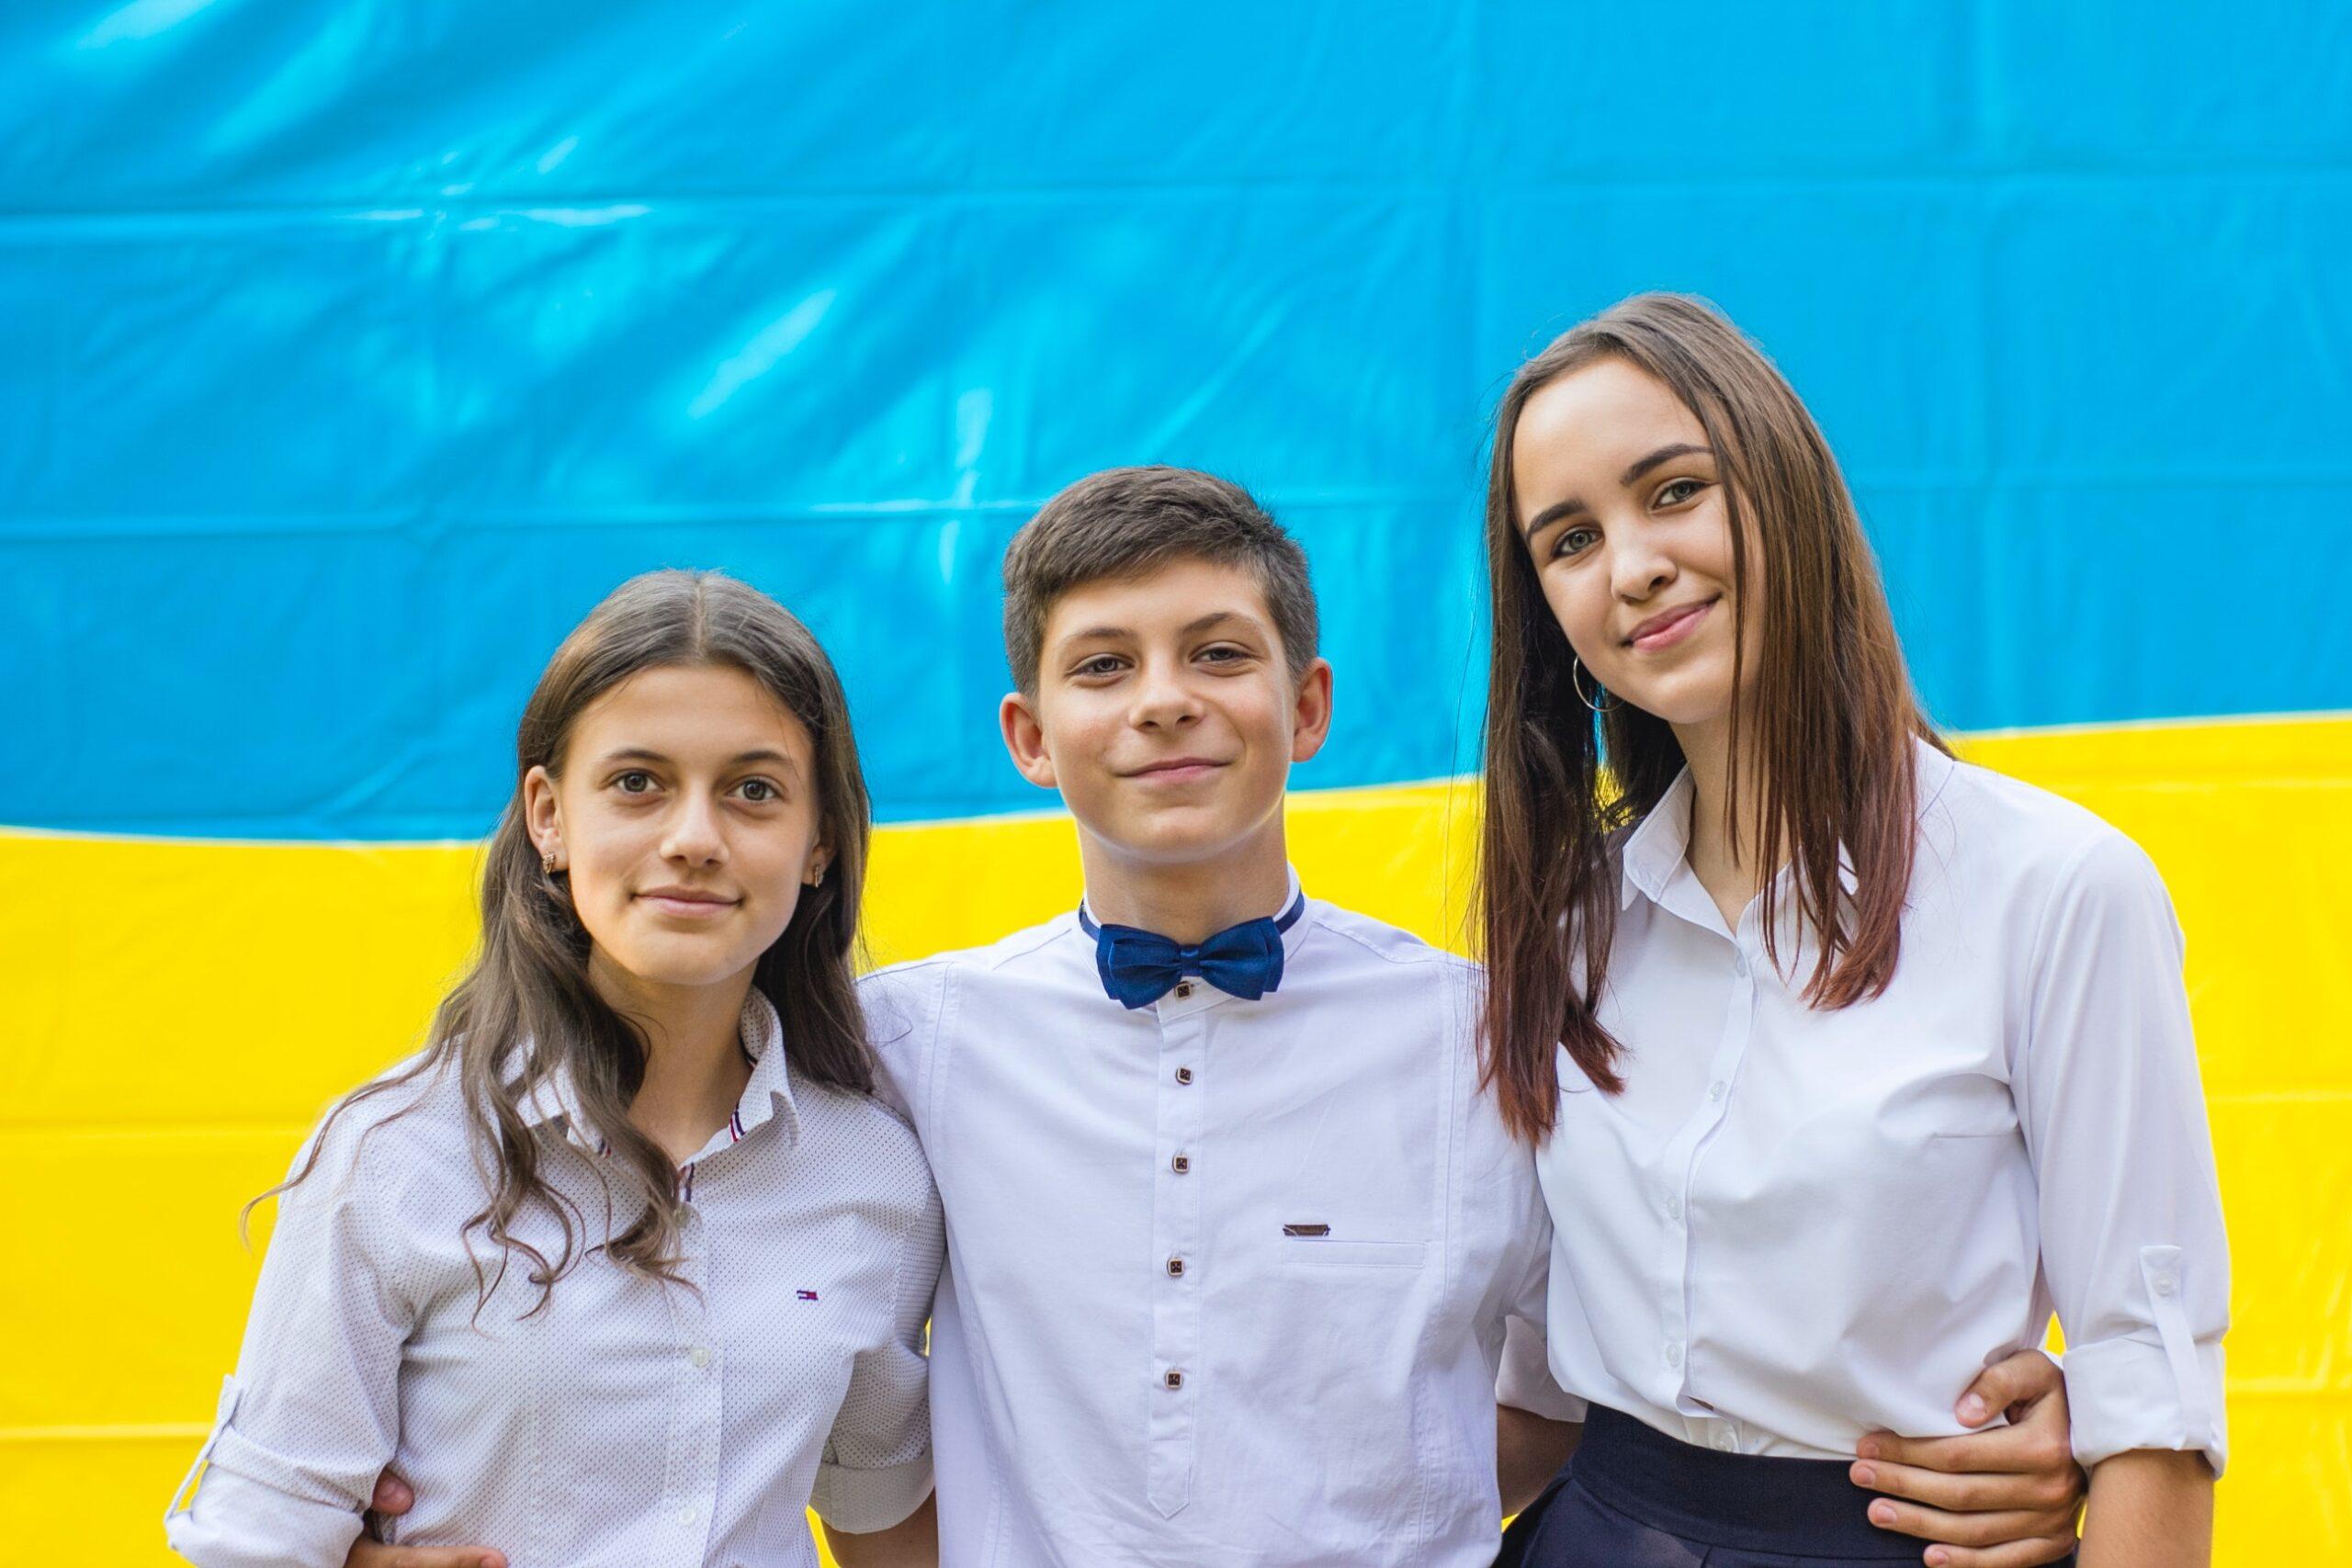 Teenagers in school uniforms